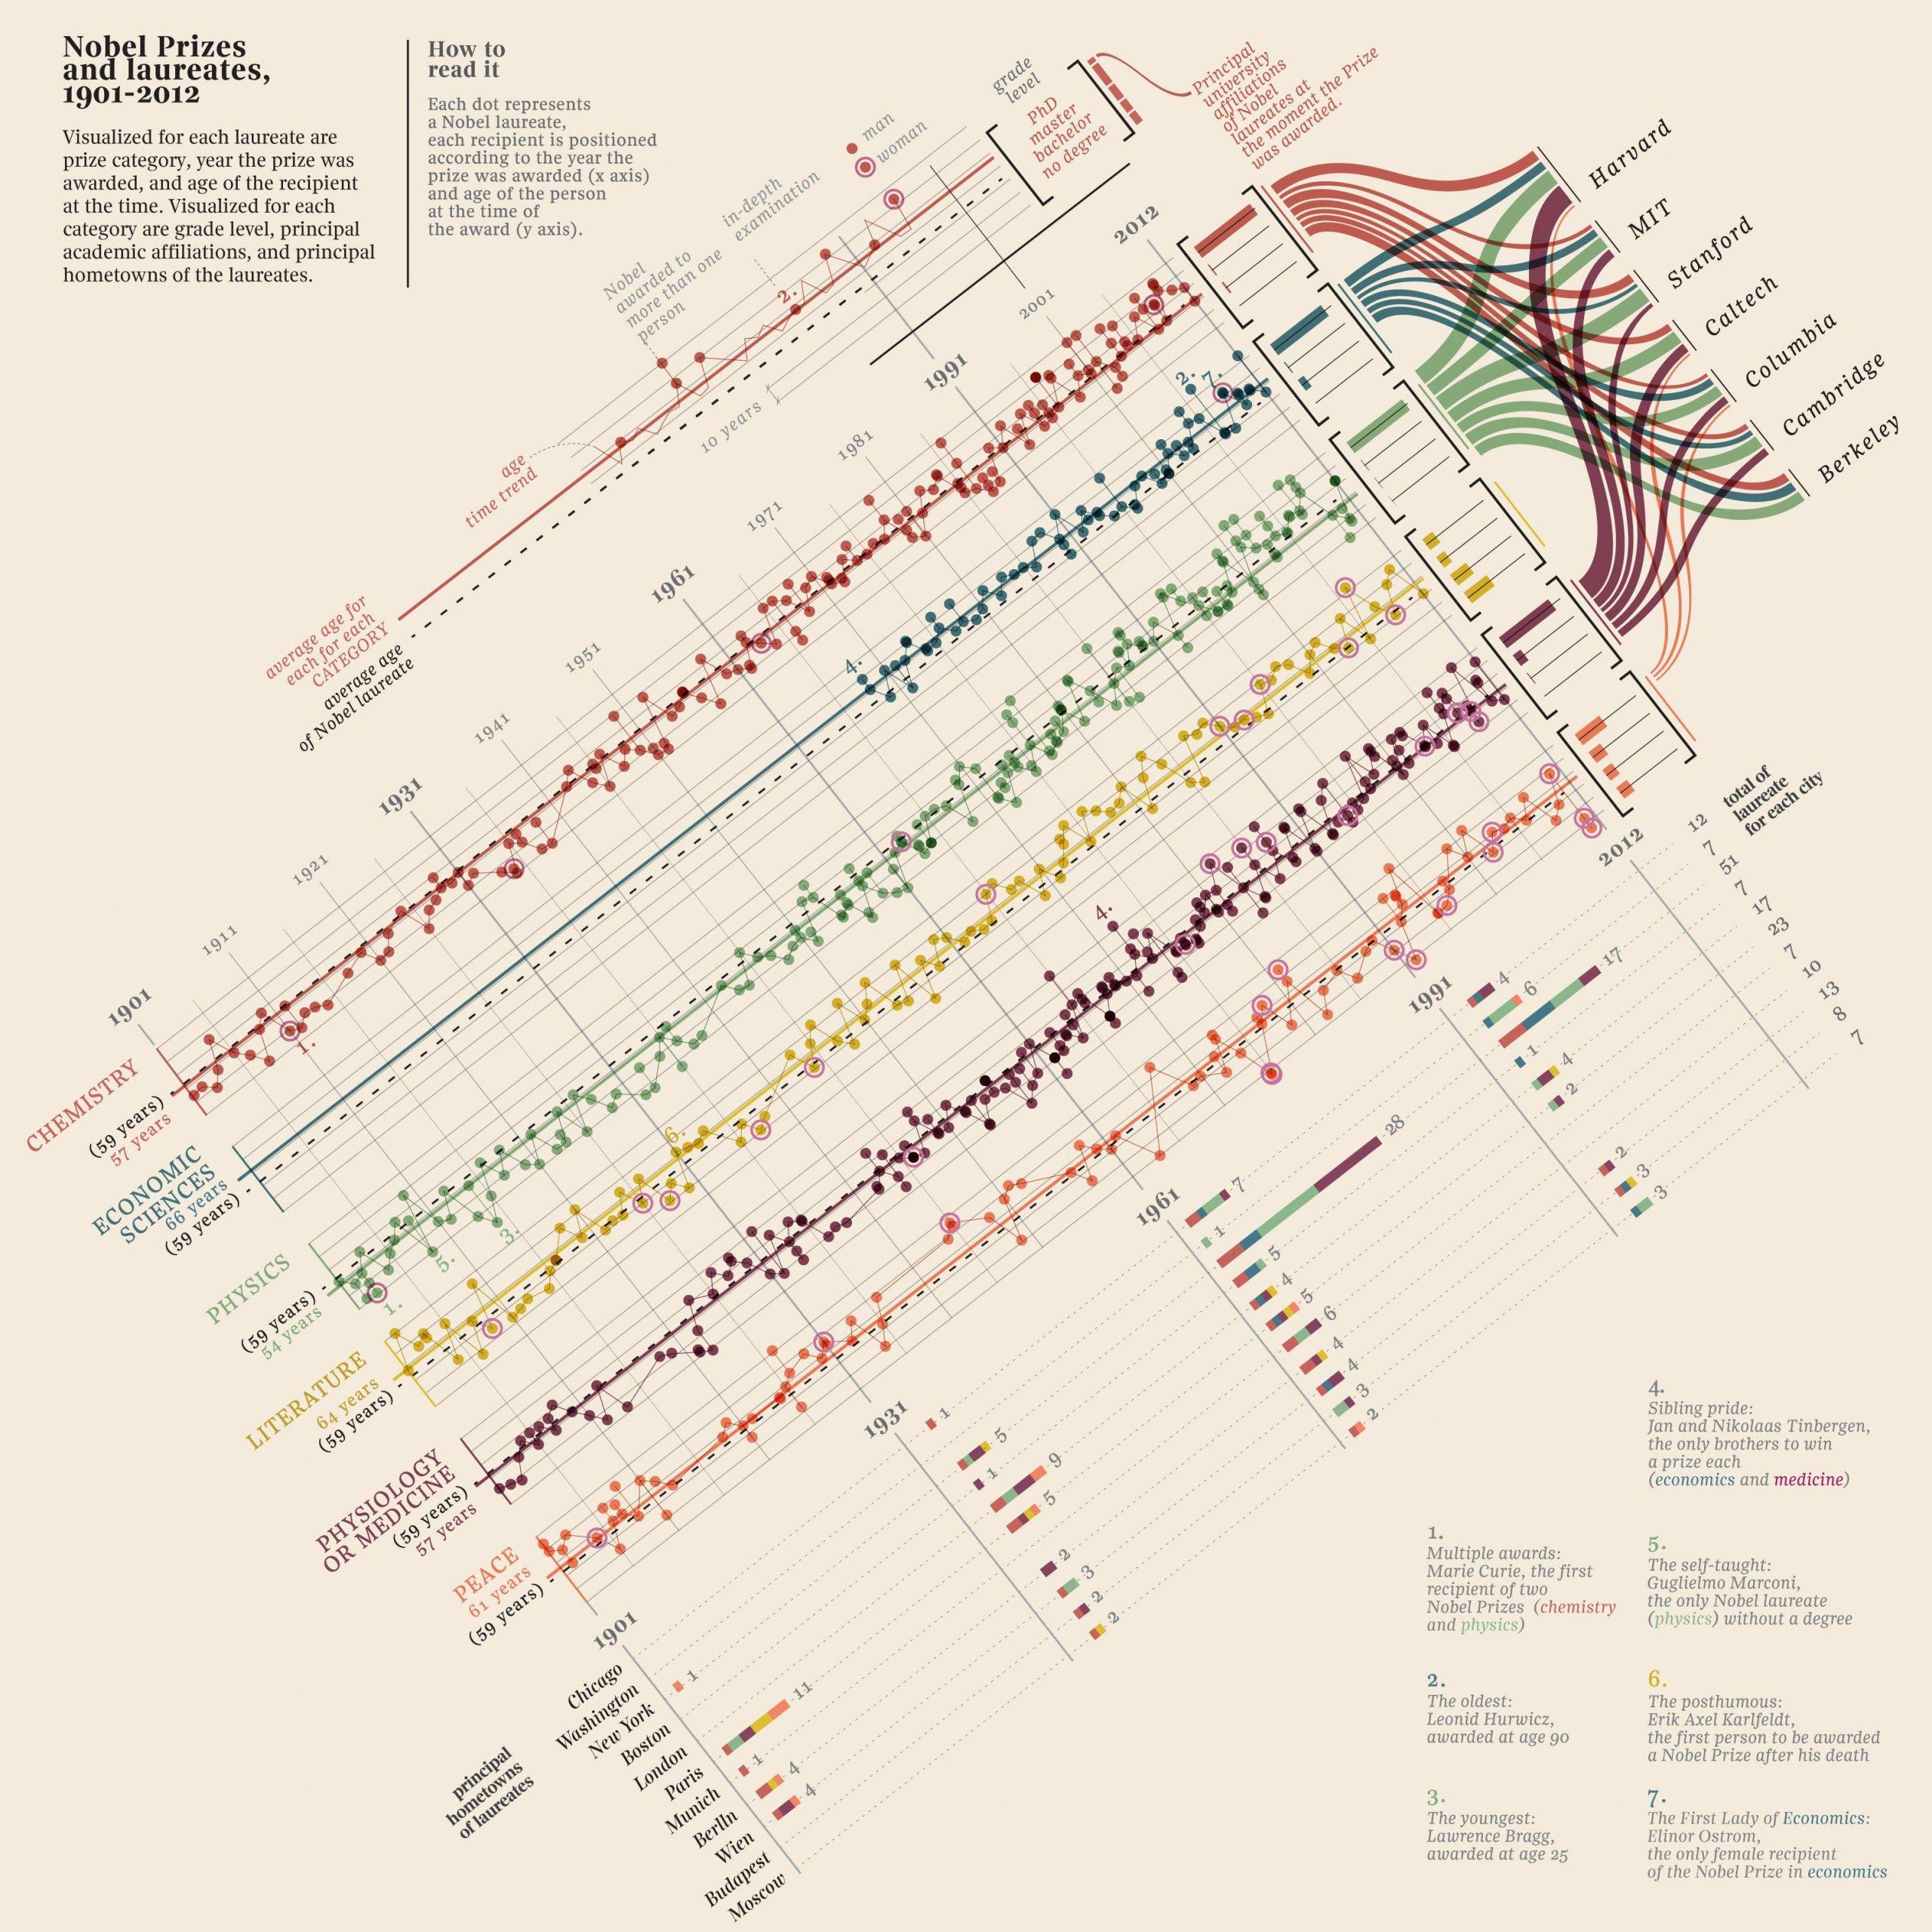 Инфографика: Возраст, образование и происхождение Нобелевских лауреатов